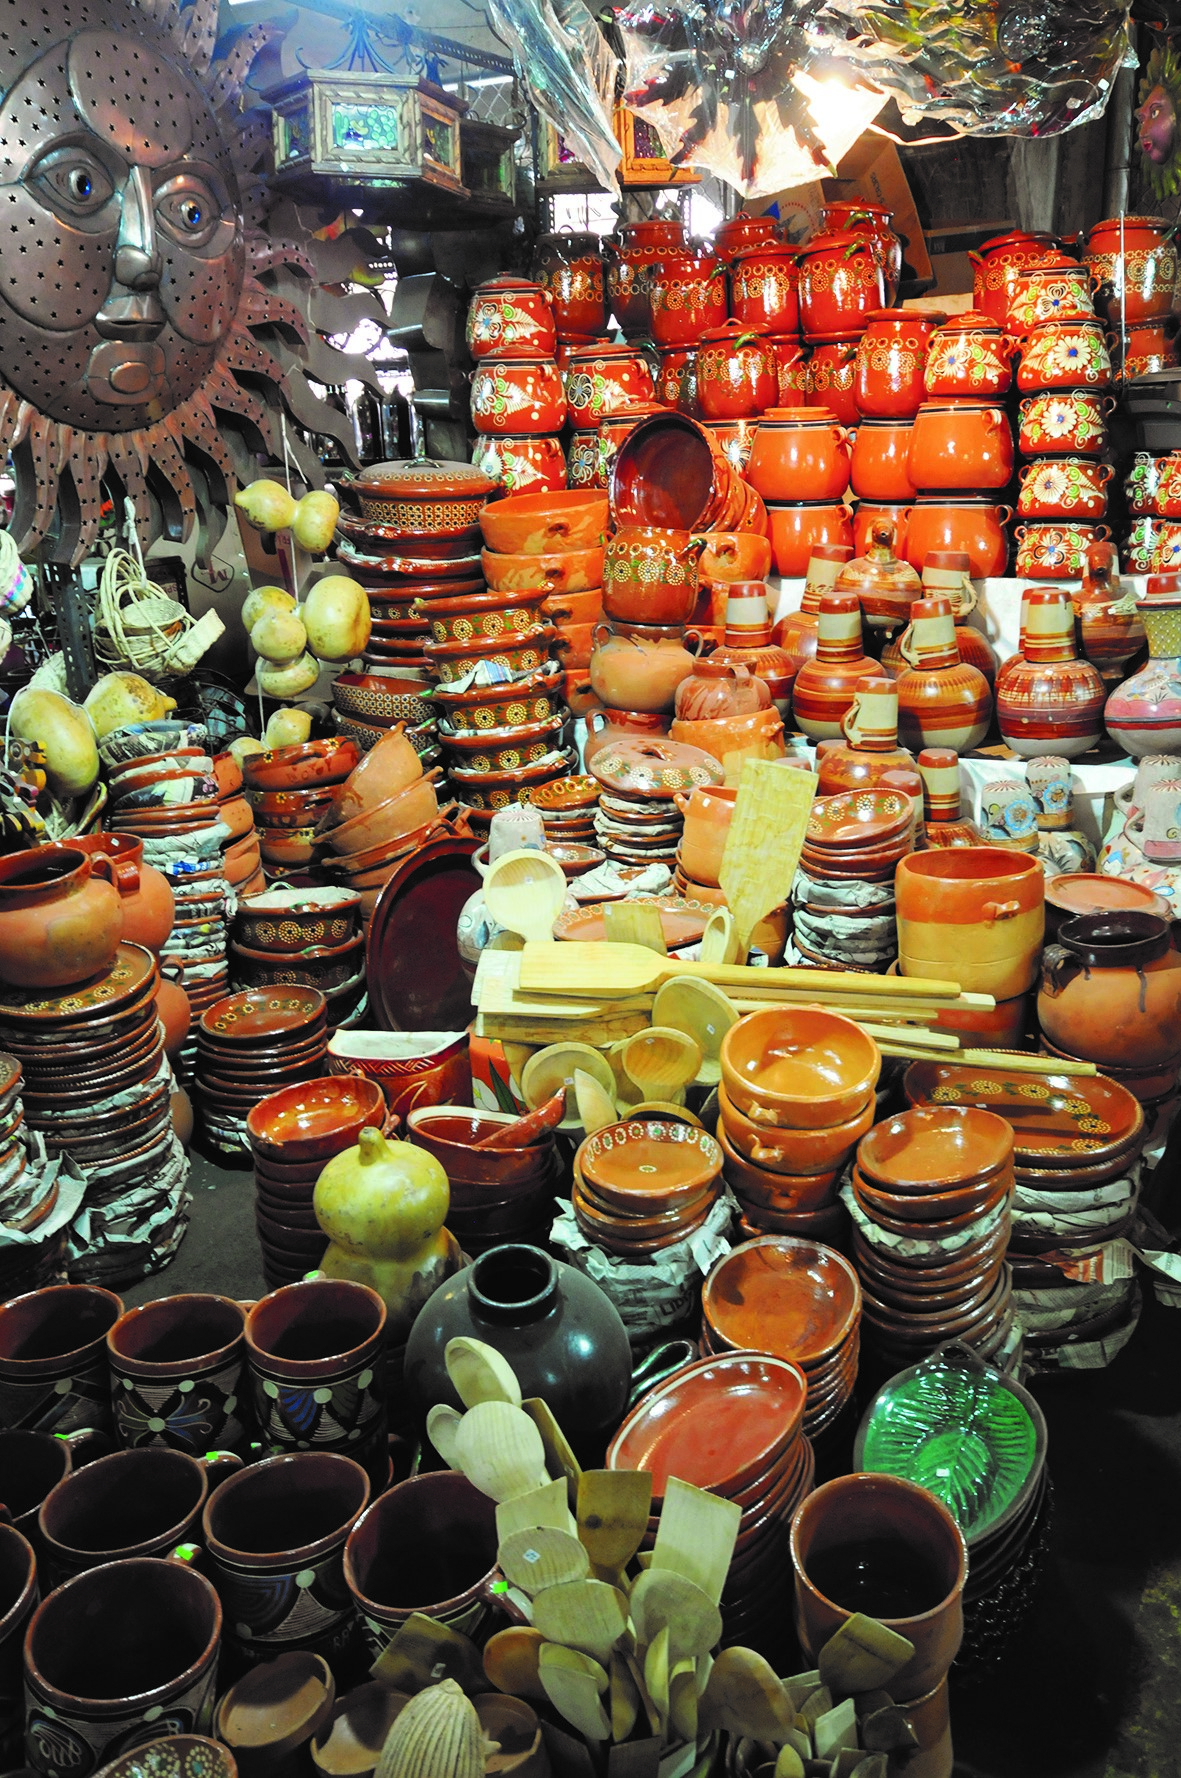 Tlaquepaque jalisco riqueza artesanal cultural e for Taller de artesanias